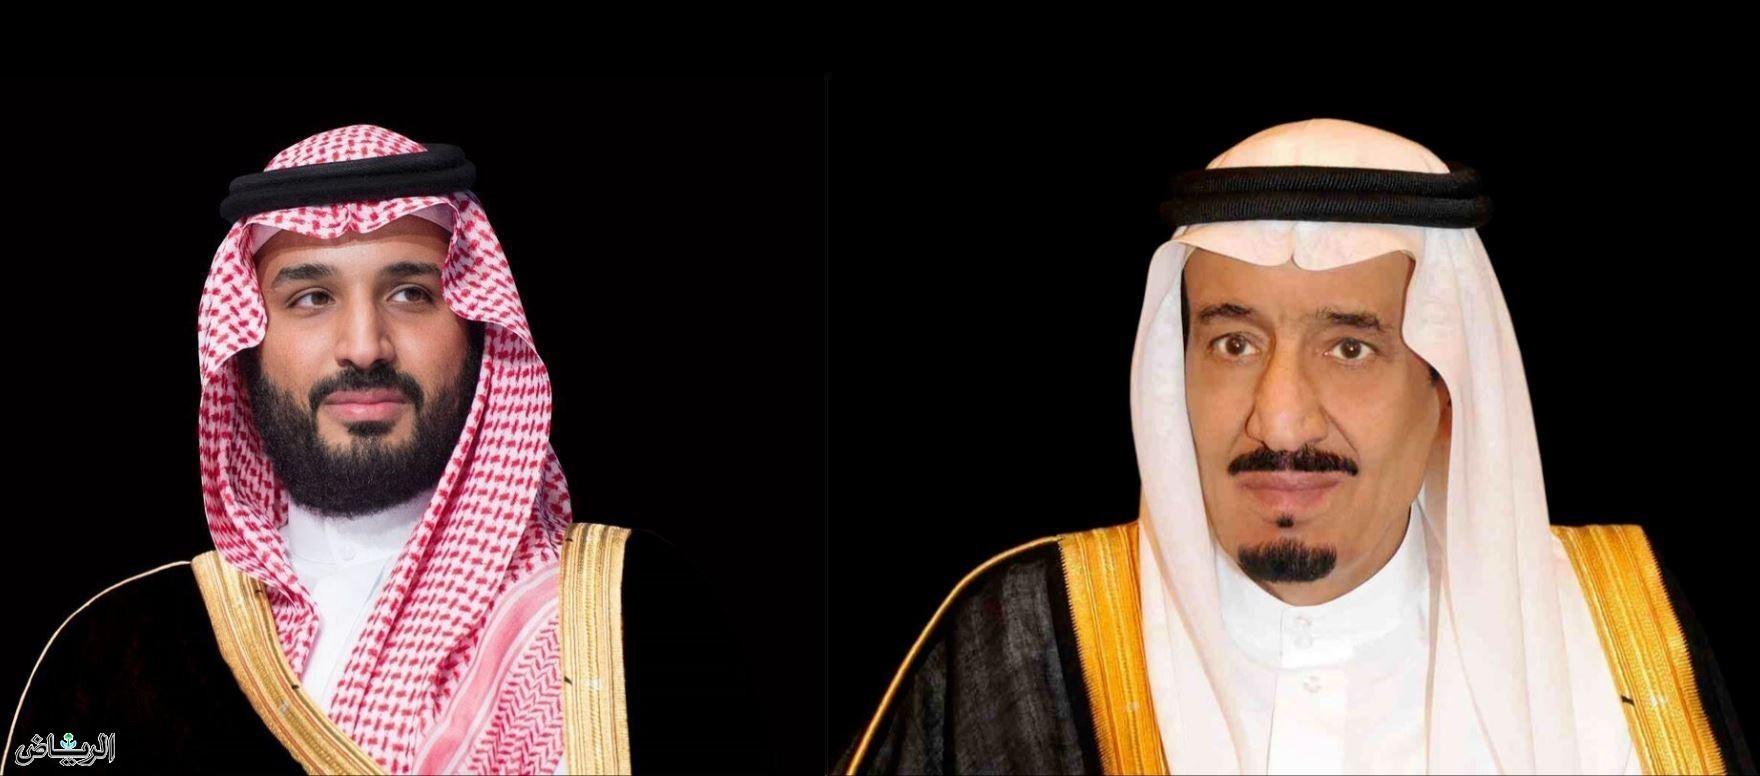 Служитель  Двух Святынь и наследный принц выразили соболезнования Шейху Мухаммаду  бин Рашиду в связи с кончиной Шейха Султана бин Заида